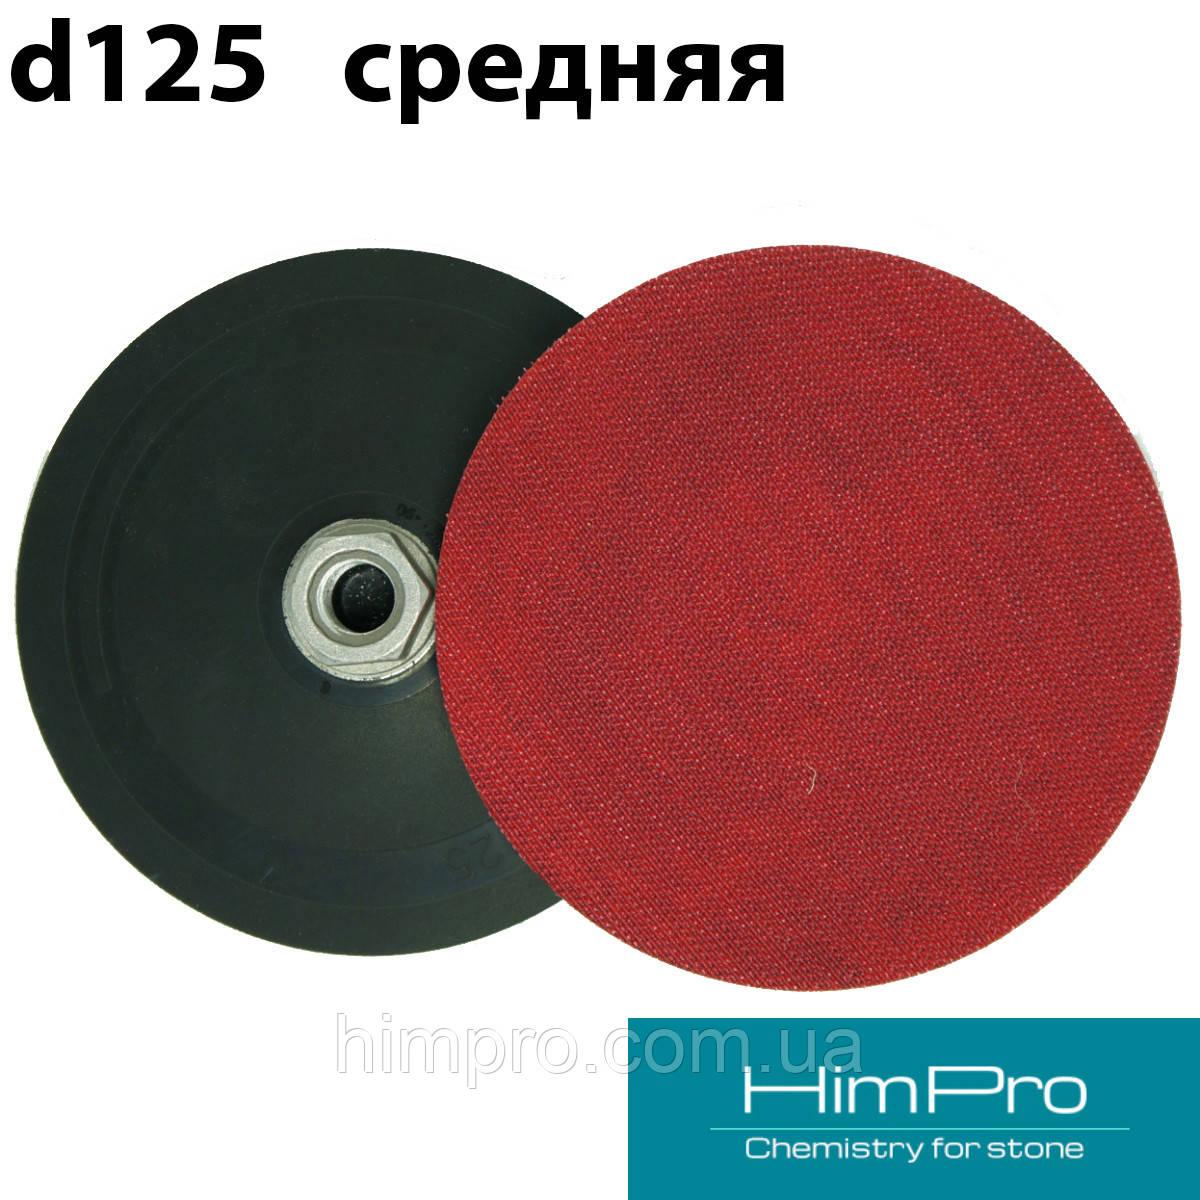 Гумовий тримач для шліфувальних машин d125 середньої жорсткості